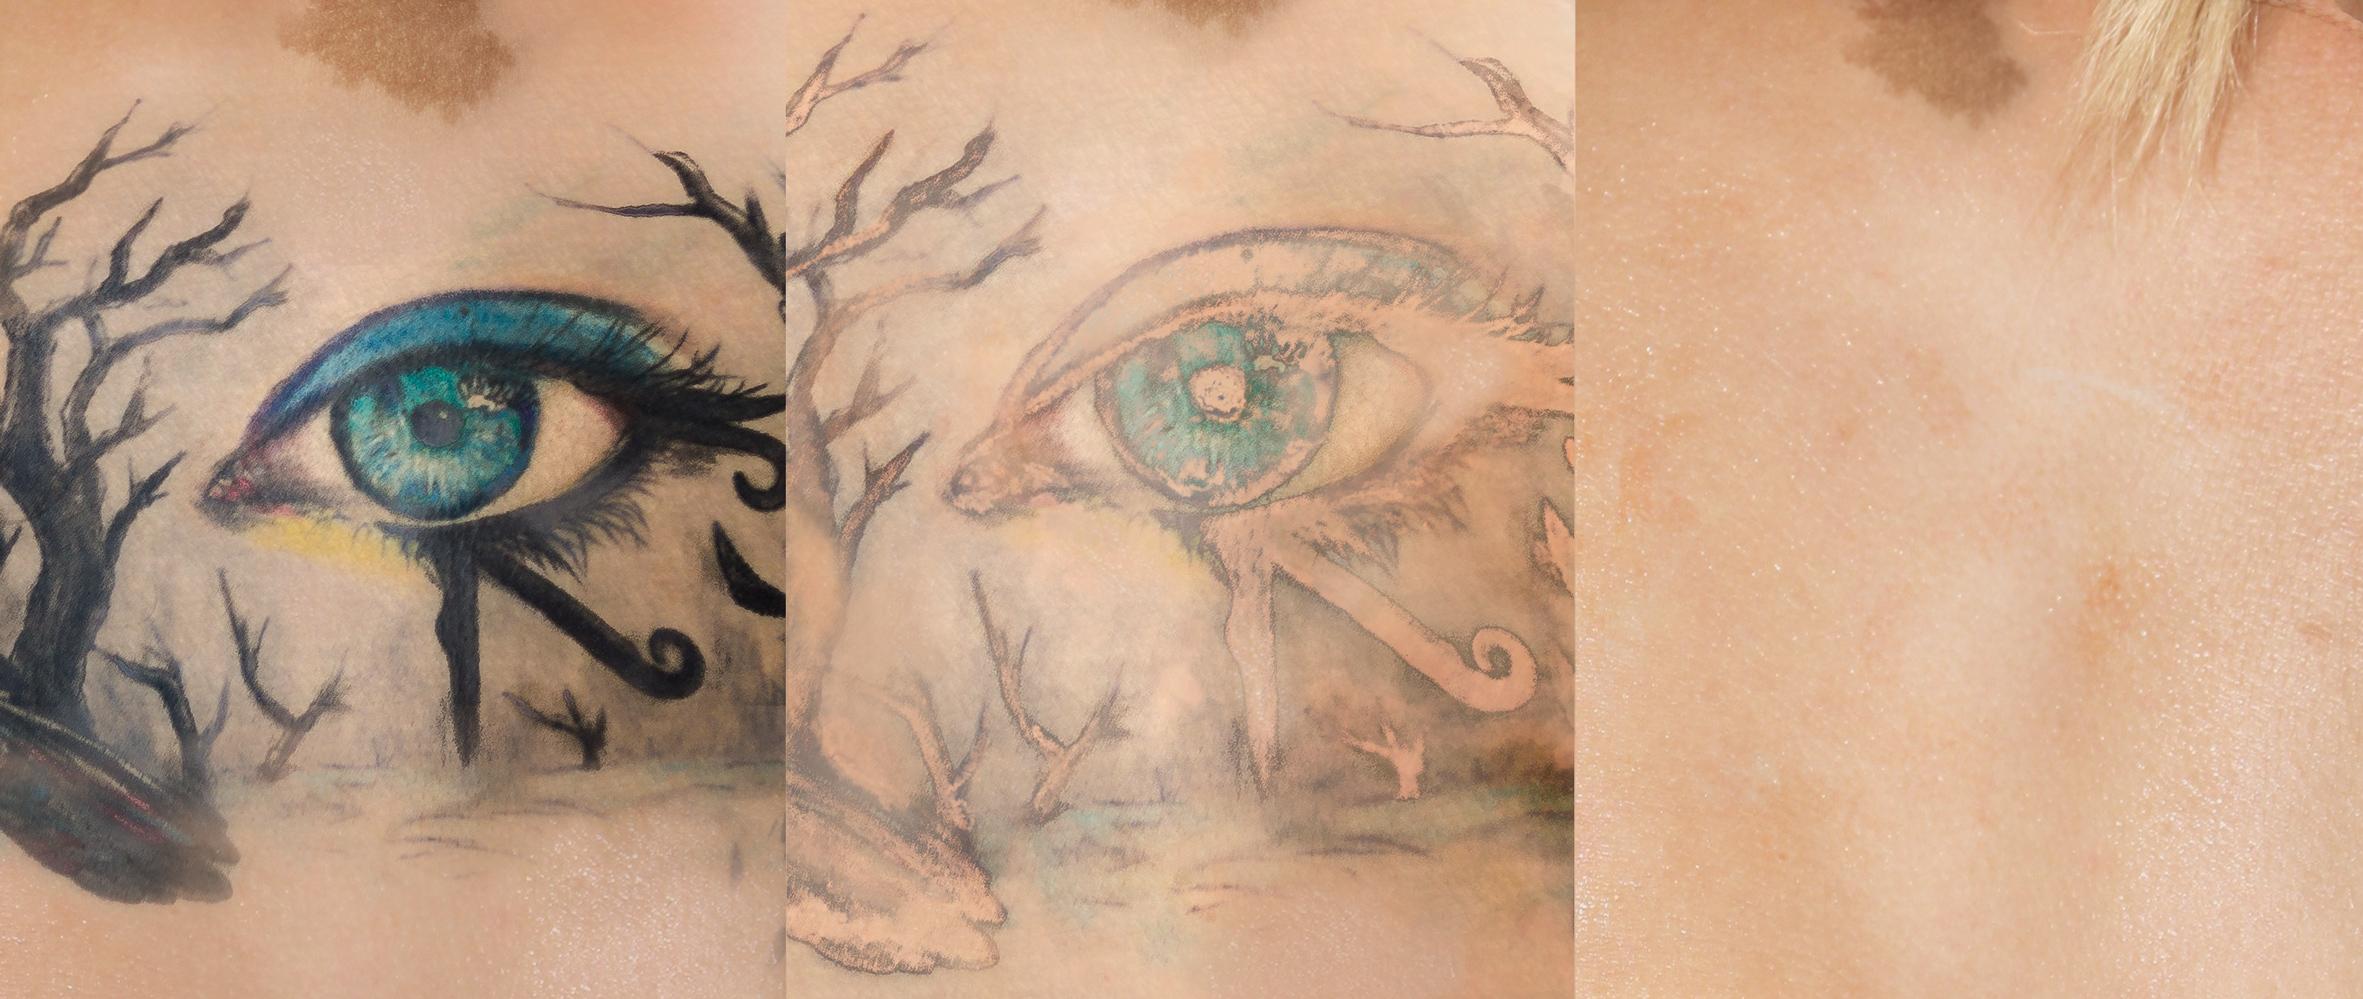 Entfernung buntes Tattoo